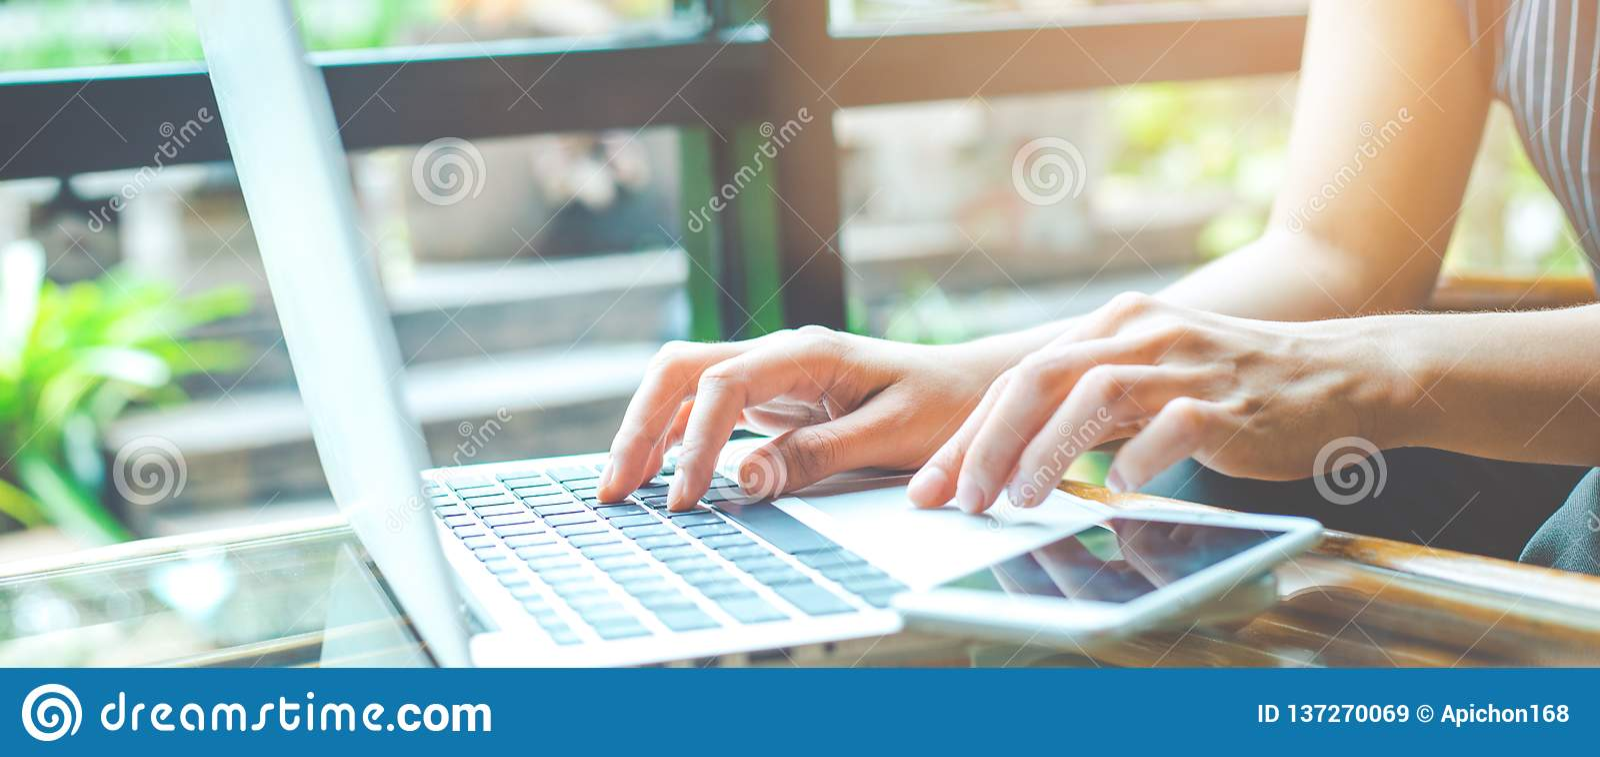 Η επιχειρησιακή γυναίκα που λειτουργούν με έναν φορητό προσωπικό υπολογιστή και οι χρήσεις ένα κύτταρο τηλεφωνούν στο γραφείο